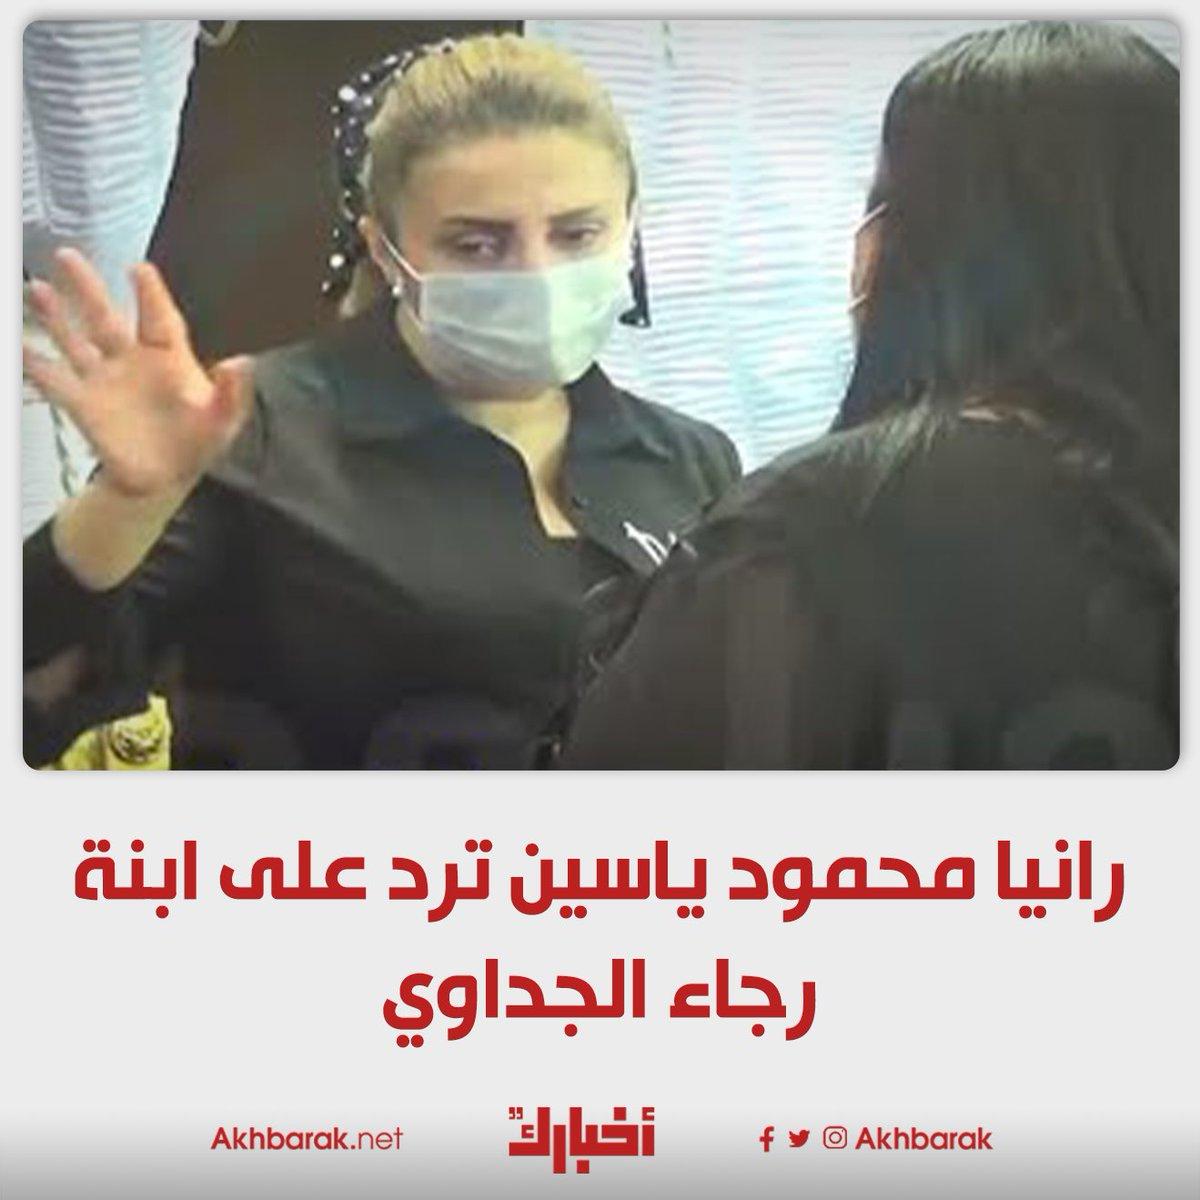 عبرت رانيا محمود ياسين عن استيائها المصري اليوم| https://t.co/wdjnHGmh7r https://t.co/JPaQzOdPoL